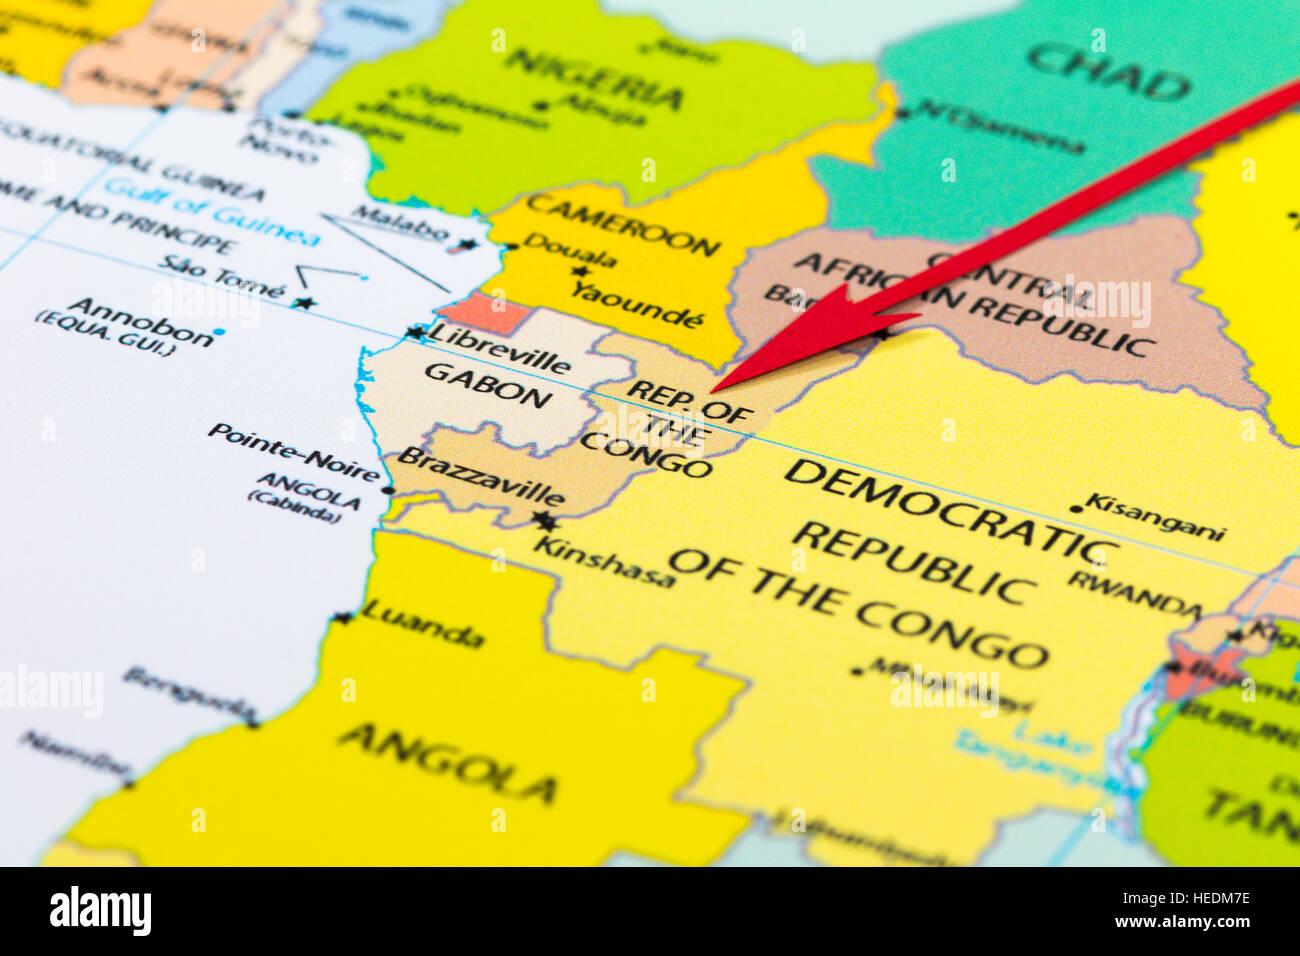 Vector Map Africa Congo Stock Photos & Vector Map Africa Congo Stock ...